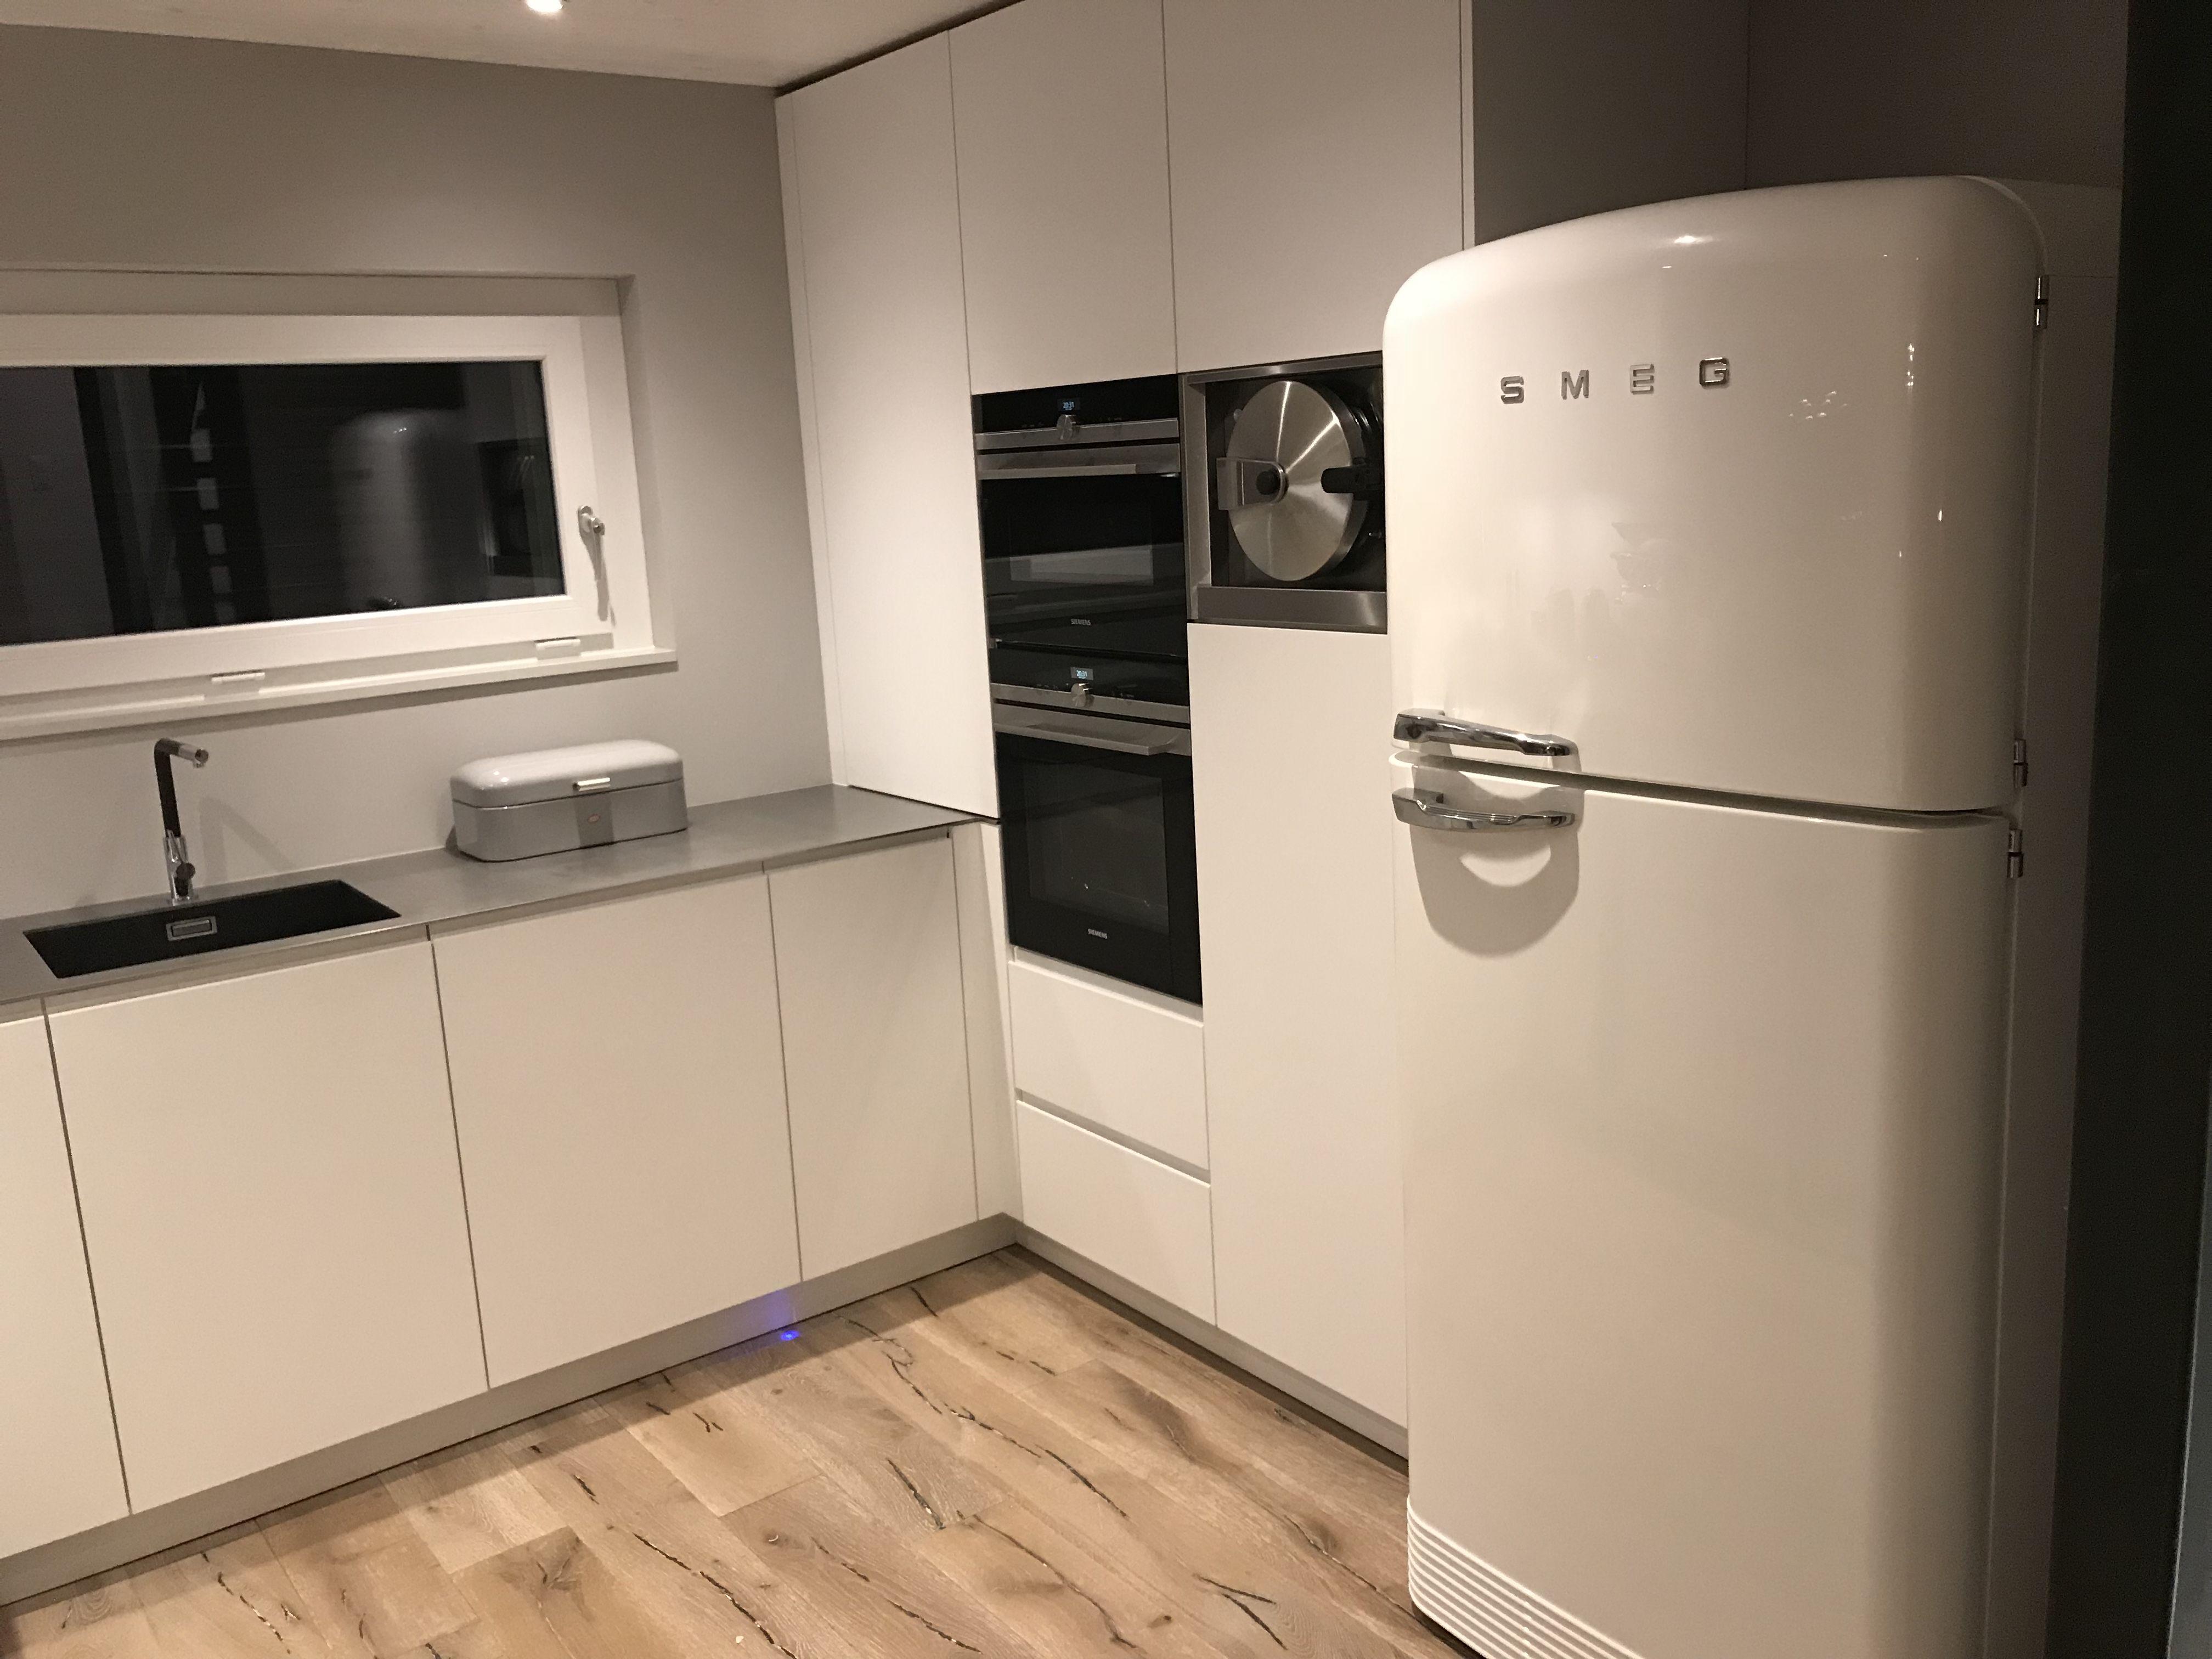 Küchenzeile Mit Retro Kühlschrank : Kleine küchenzeile retro respekta retro kühlschrank cm kühl